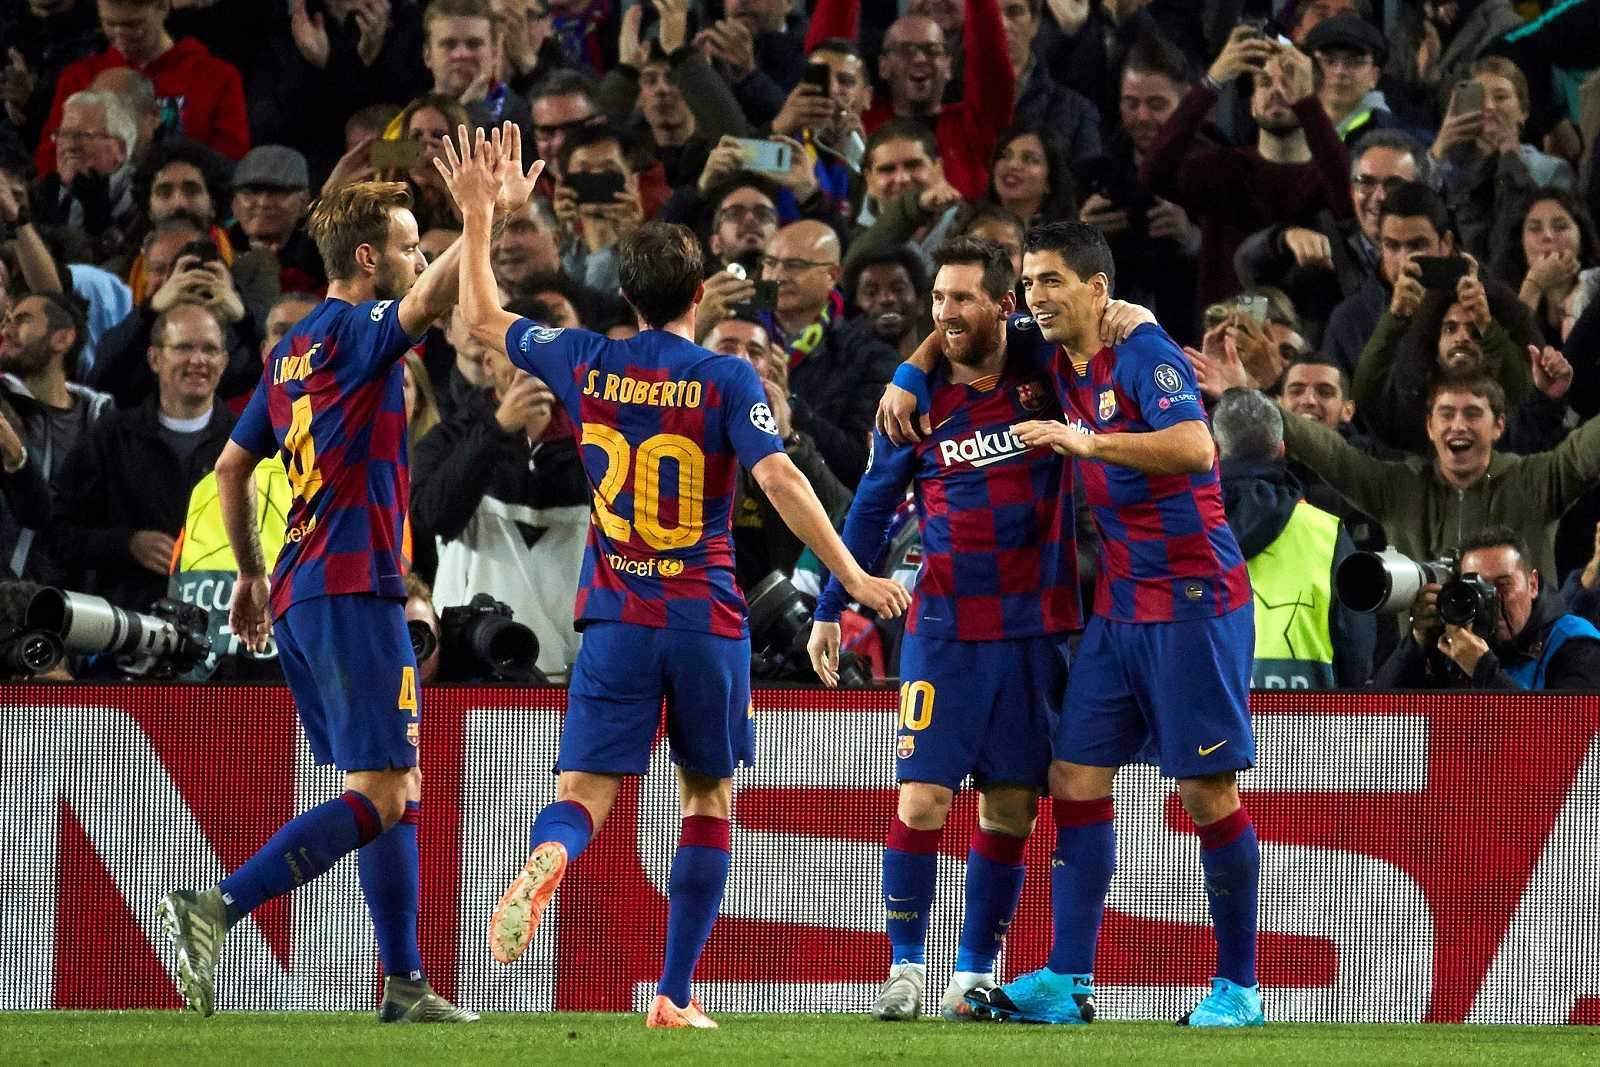 El Barça como primero y el Madrid como segundos clasificados para la siguiente fase. Valencia y Atlético se lo juegan todo en la última jornada.